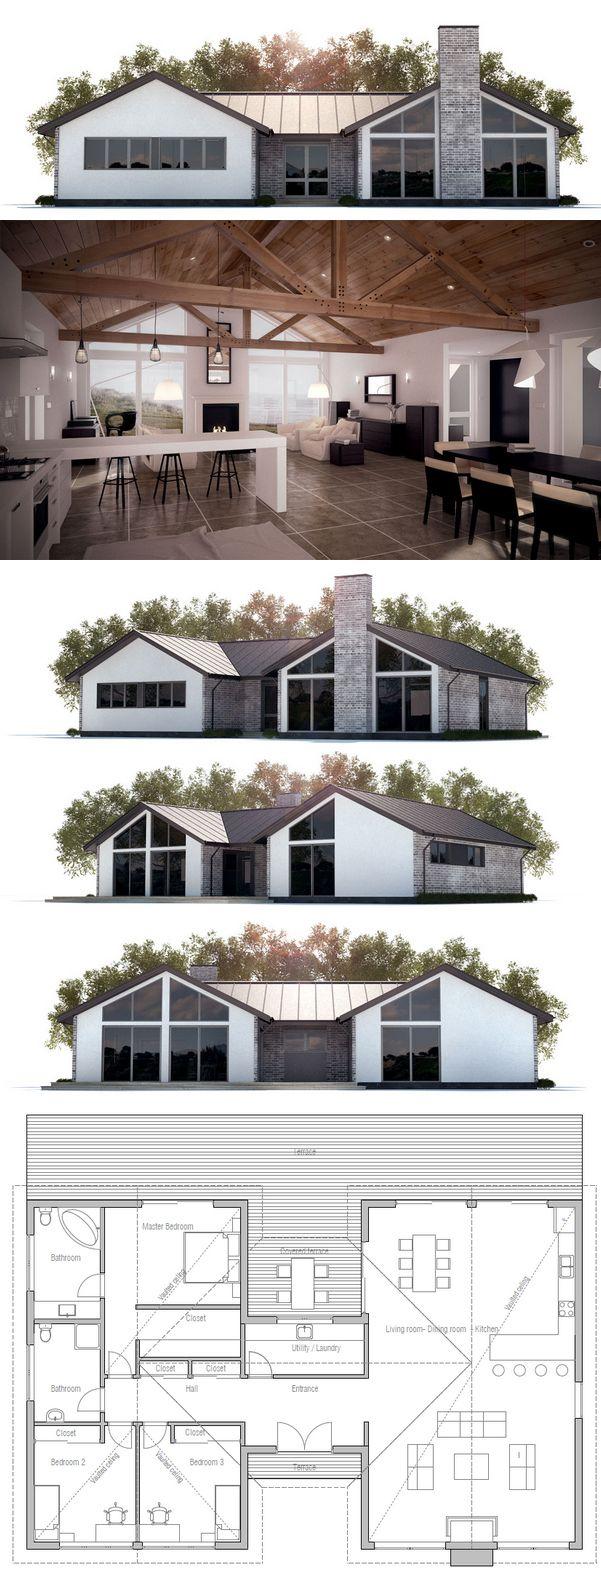 Hausplan top 20 hauspl ne huisie by die see x for Hausplan einfamilienhaus